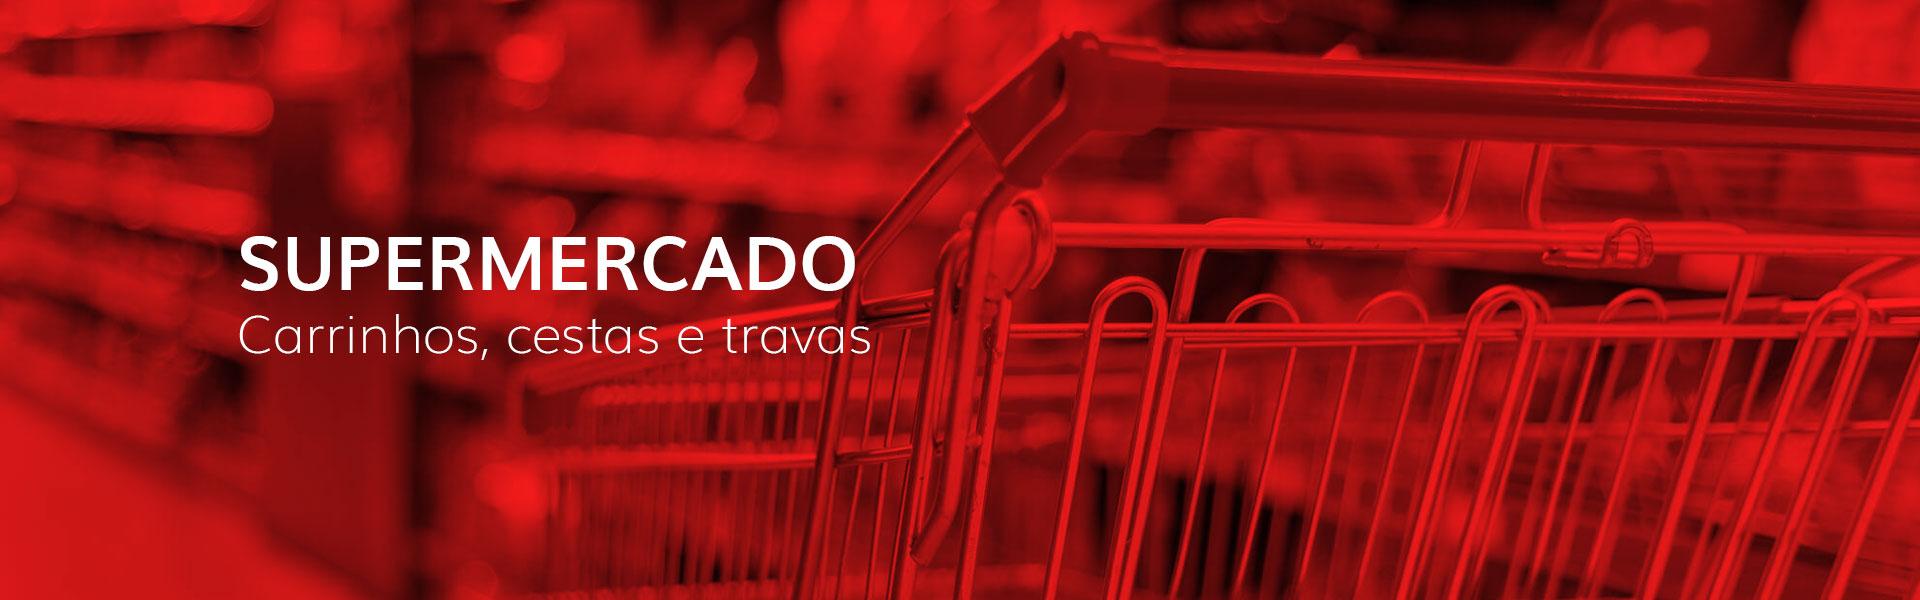 Banner Supermercado